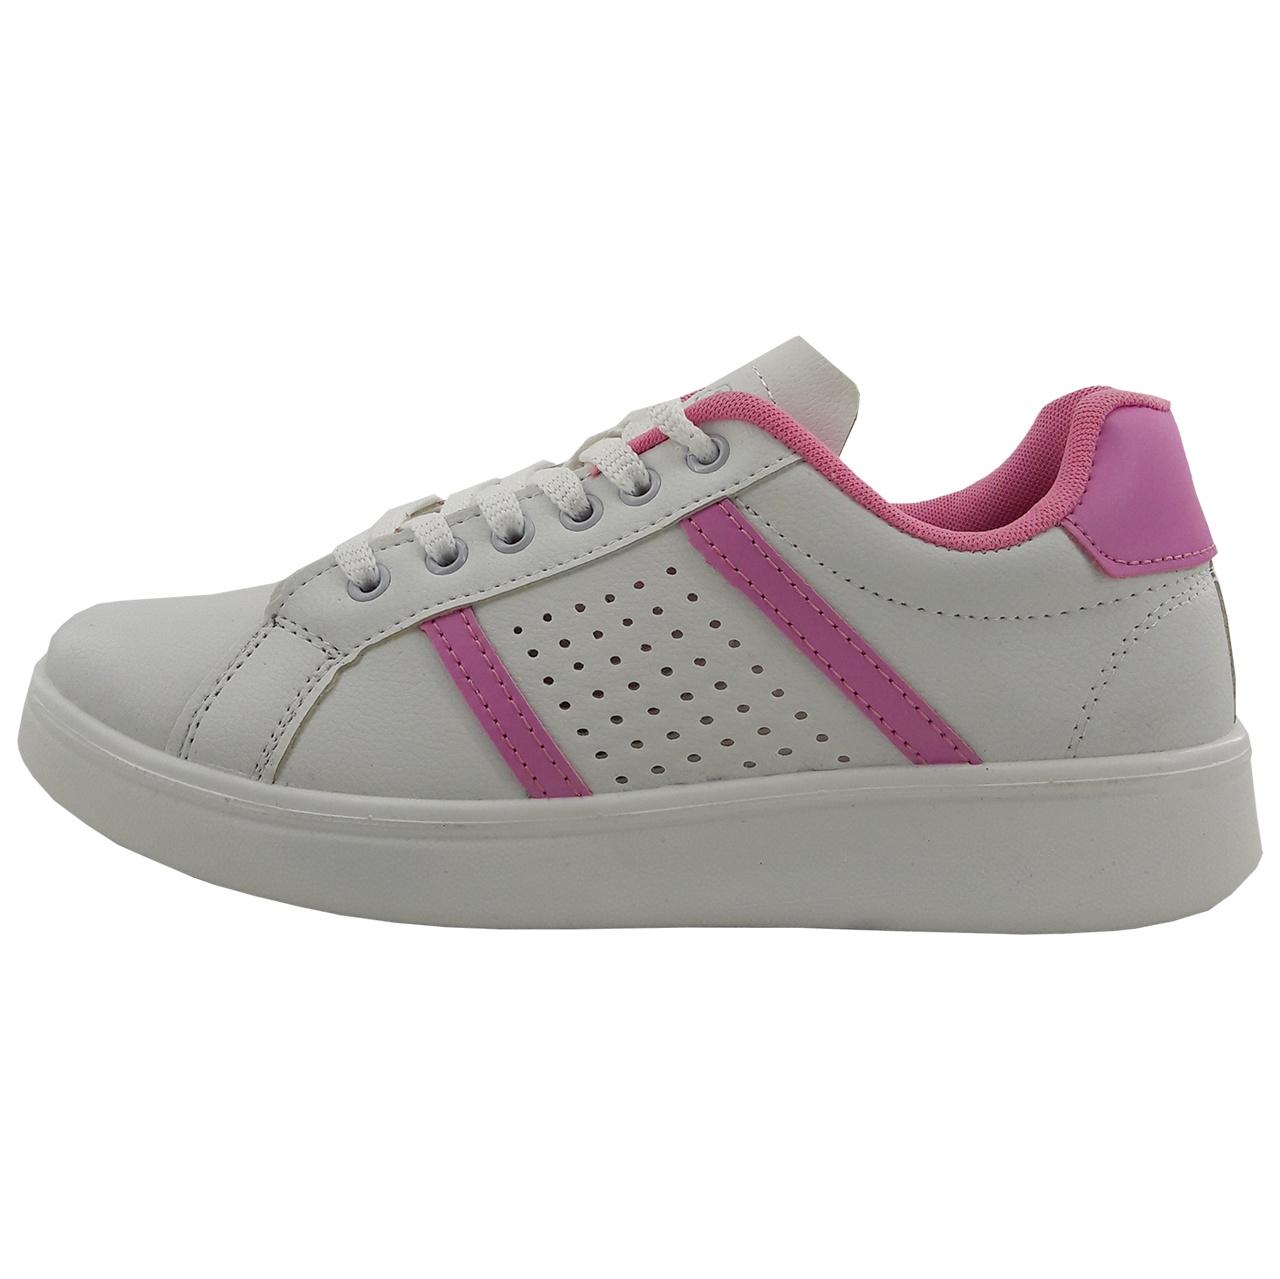 کفش راحتی زنانه مدل Brk.wh.pnk-01